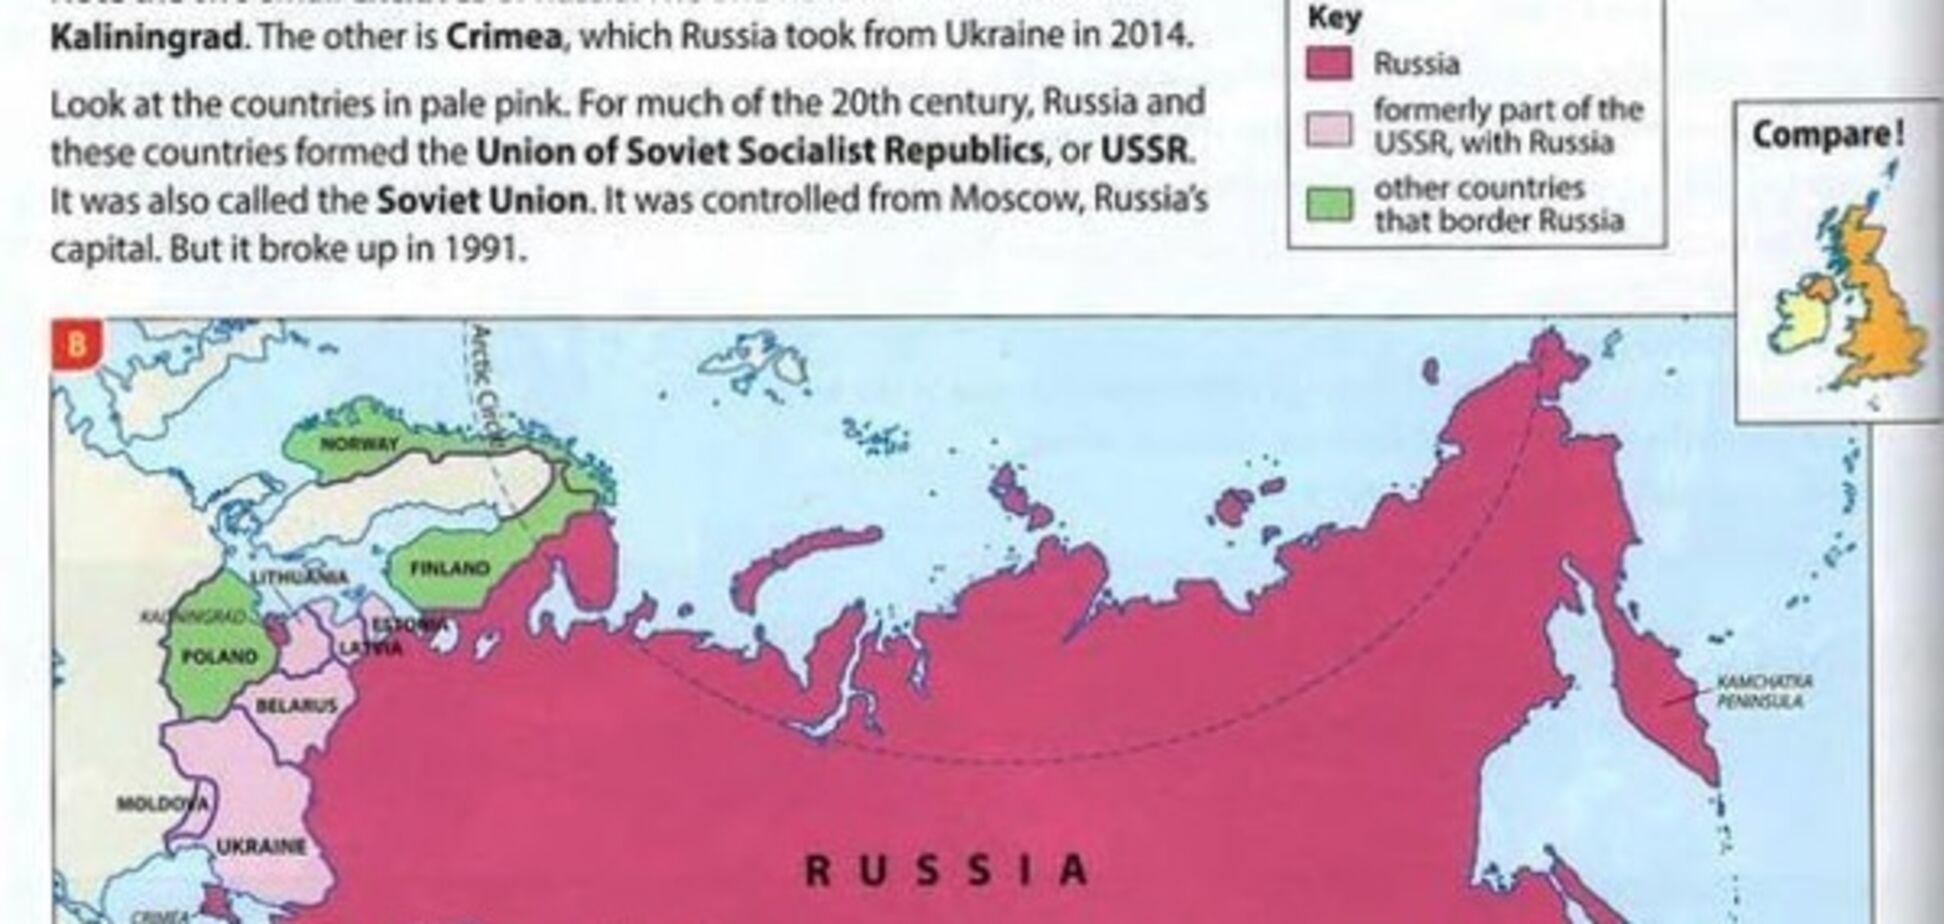 МЗС України в шоці! Британський 'Оксфорд' 'приєднав' Крим до Росії: фотофакт